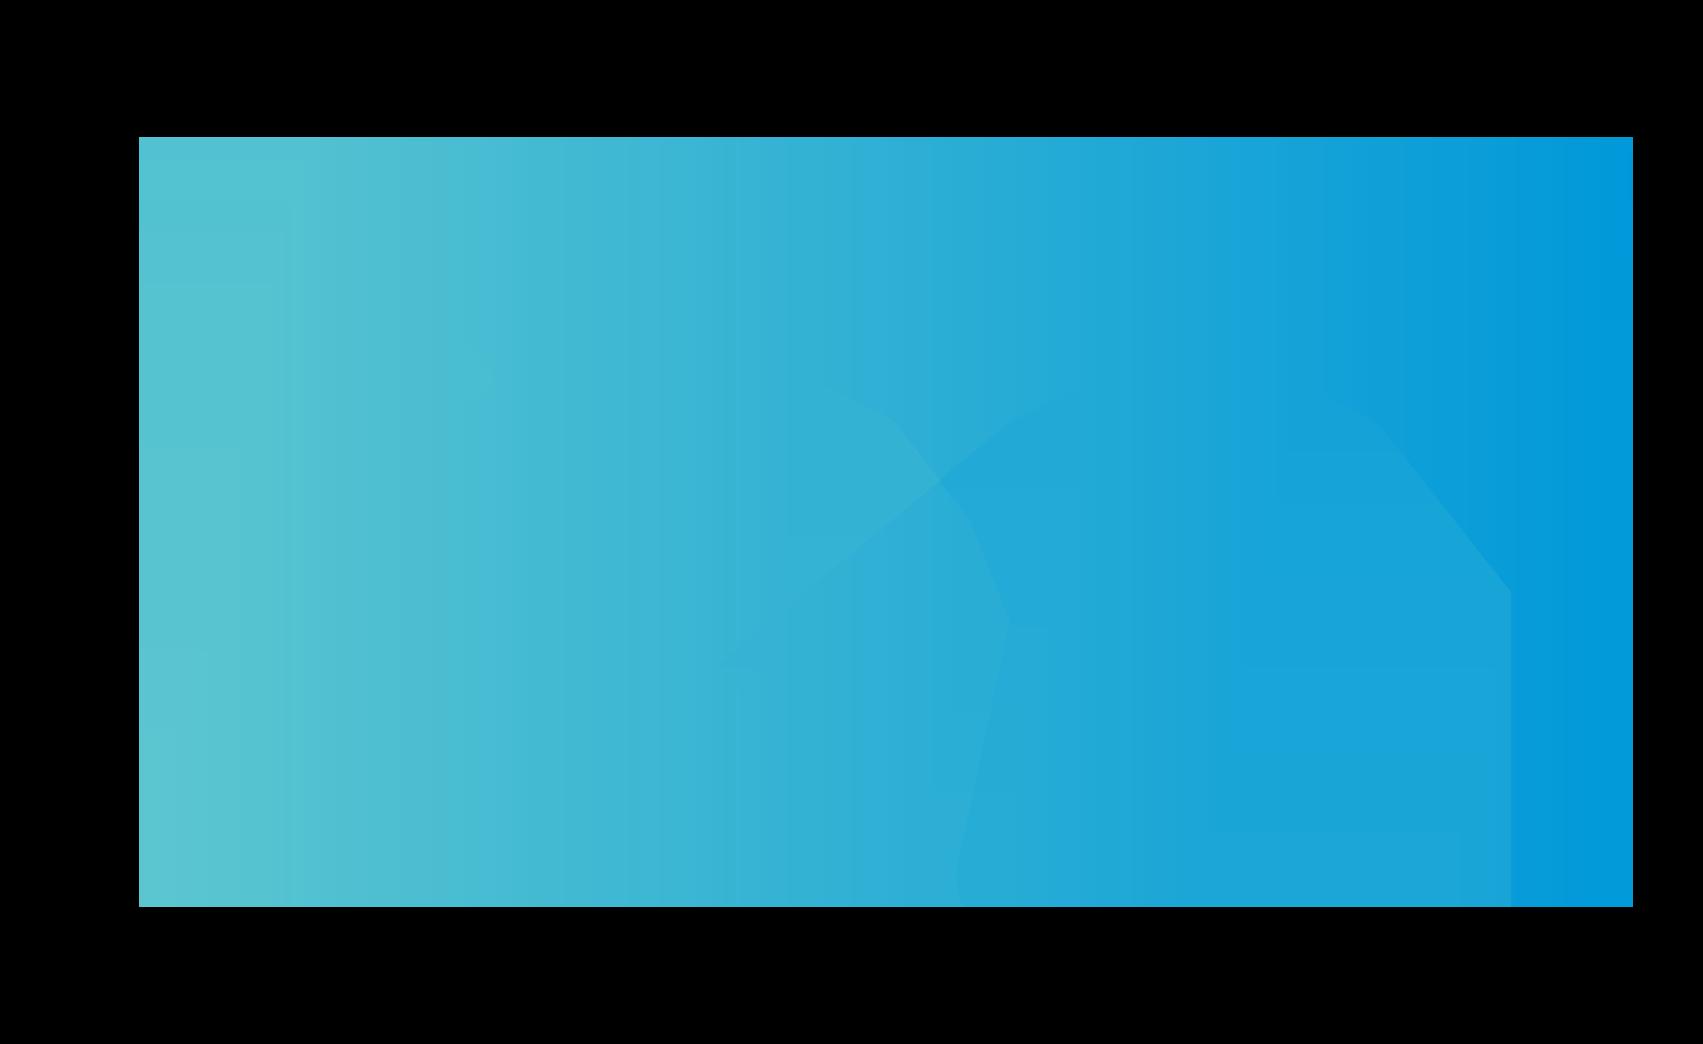 StuffboxTech